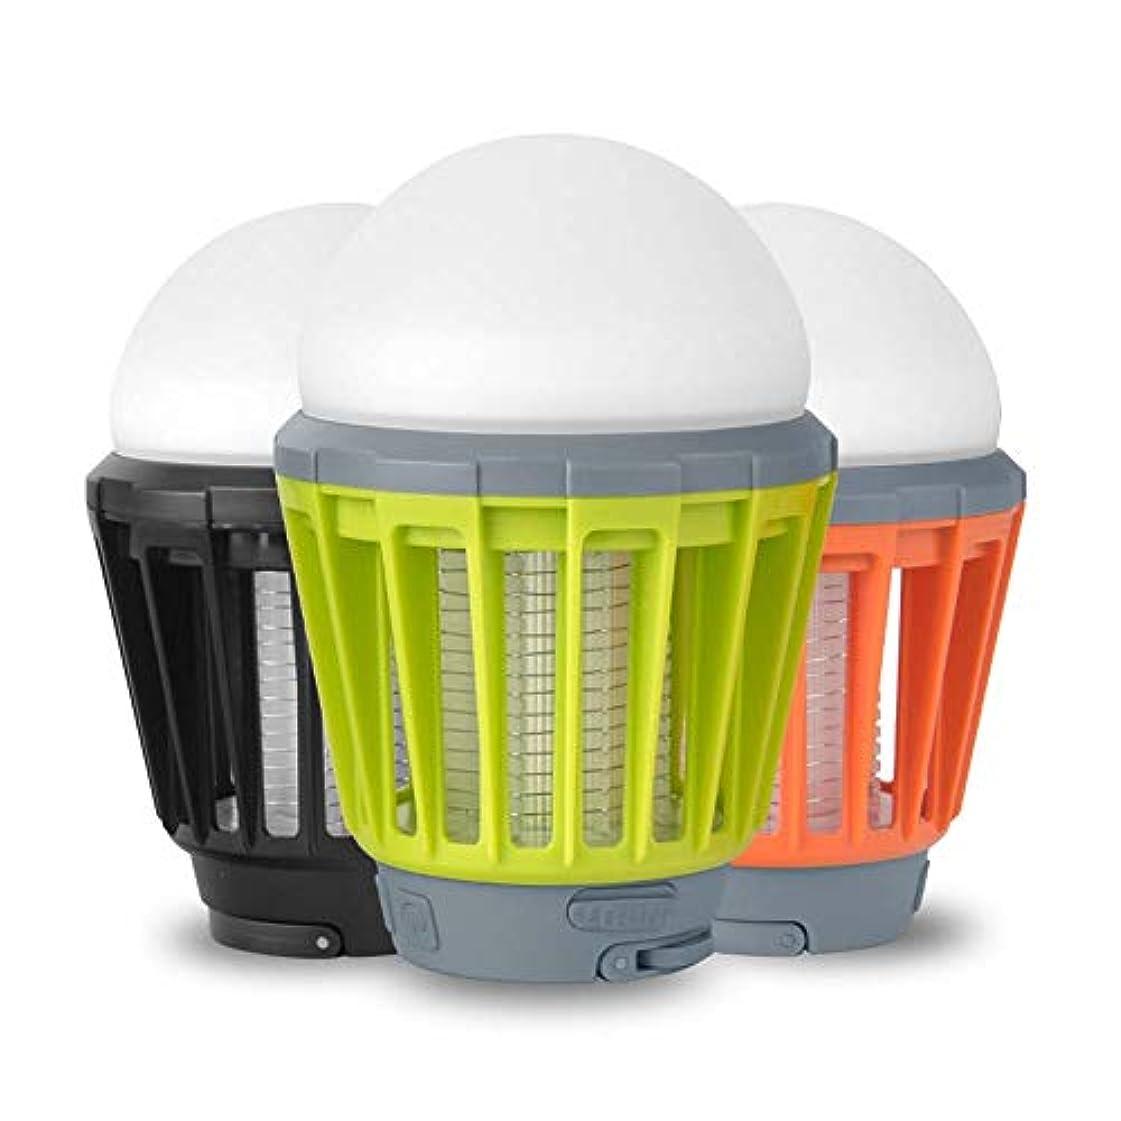 犯罪大洪水ディスク屋外の蚊取り器電子蚊取り器LED蚊取り器家庭用放射線フリー蚊取り電子蚊取り器23.0 cm * 13.0 cm * 16.0 cm